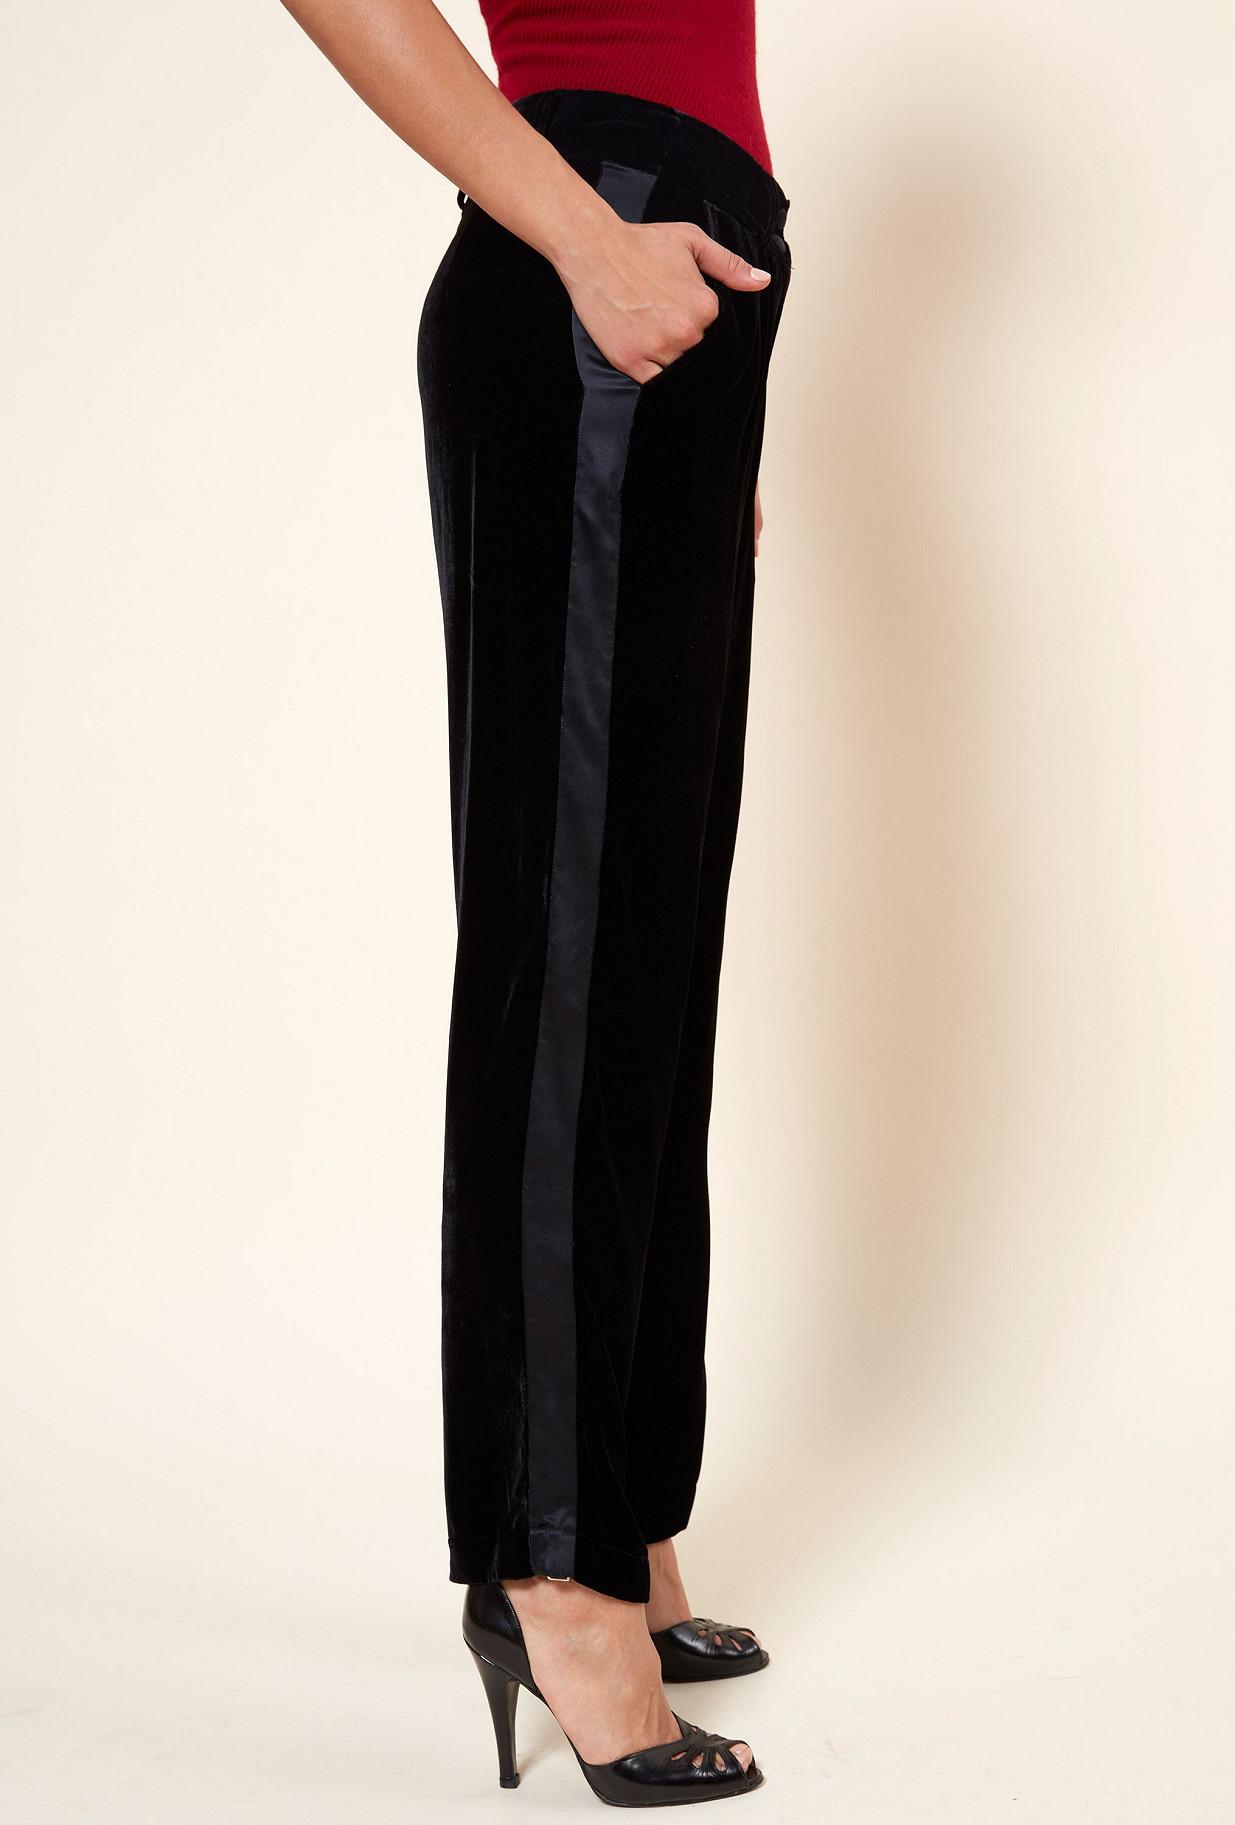 Paris boutique de mode vêtement PANTALON créateur bohème  Dietrich